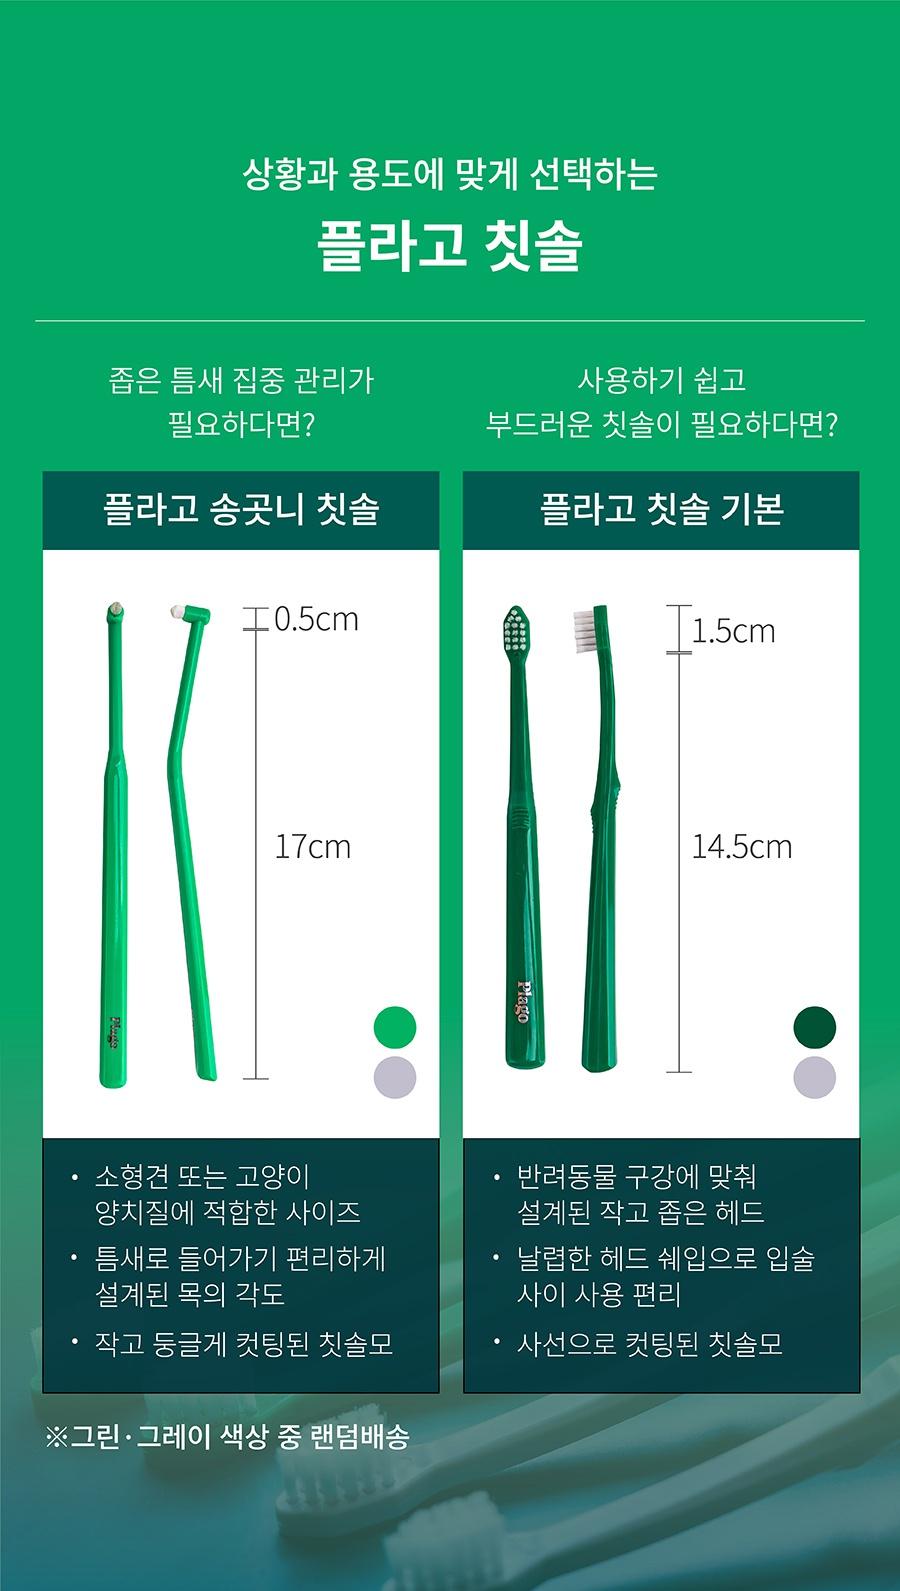 플라고 칫솔 (송곳니/기본)-상품이미지-2